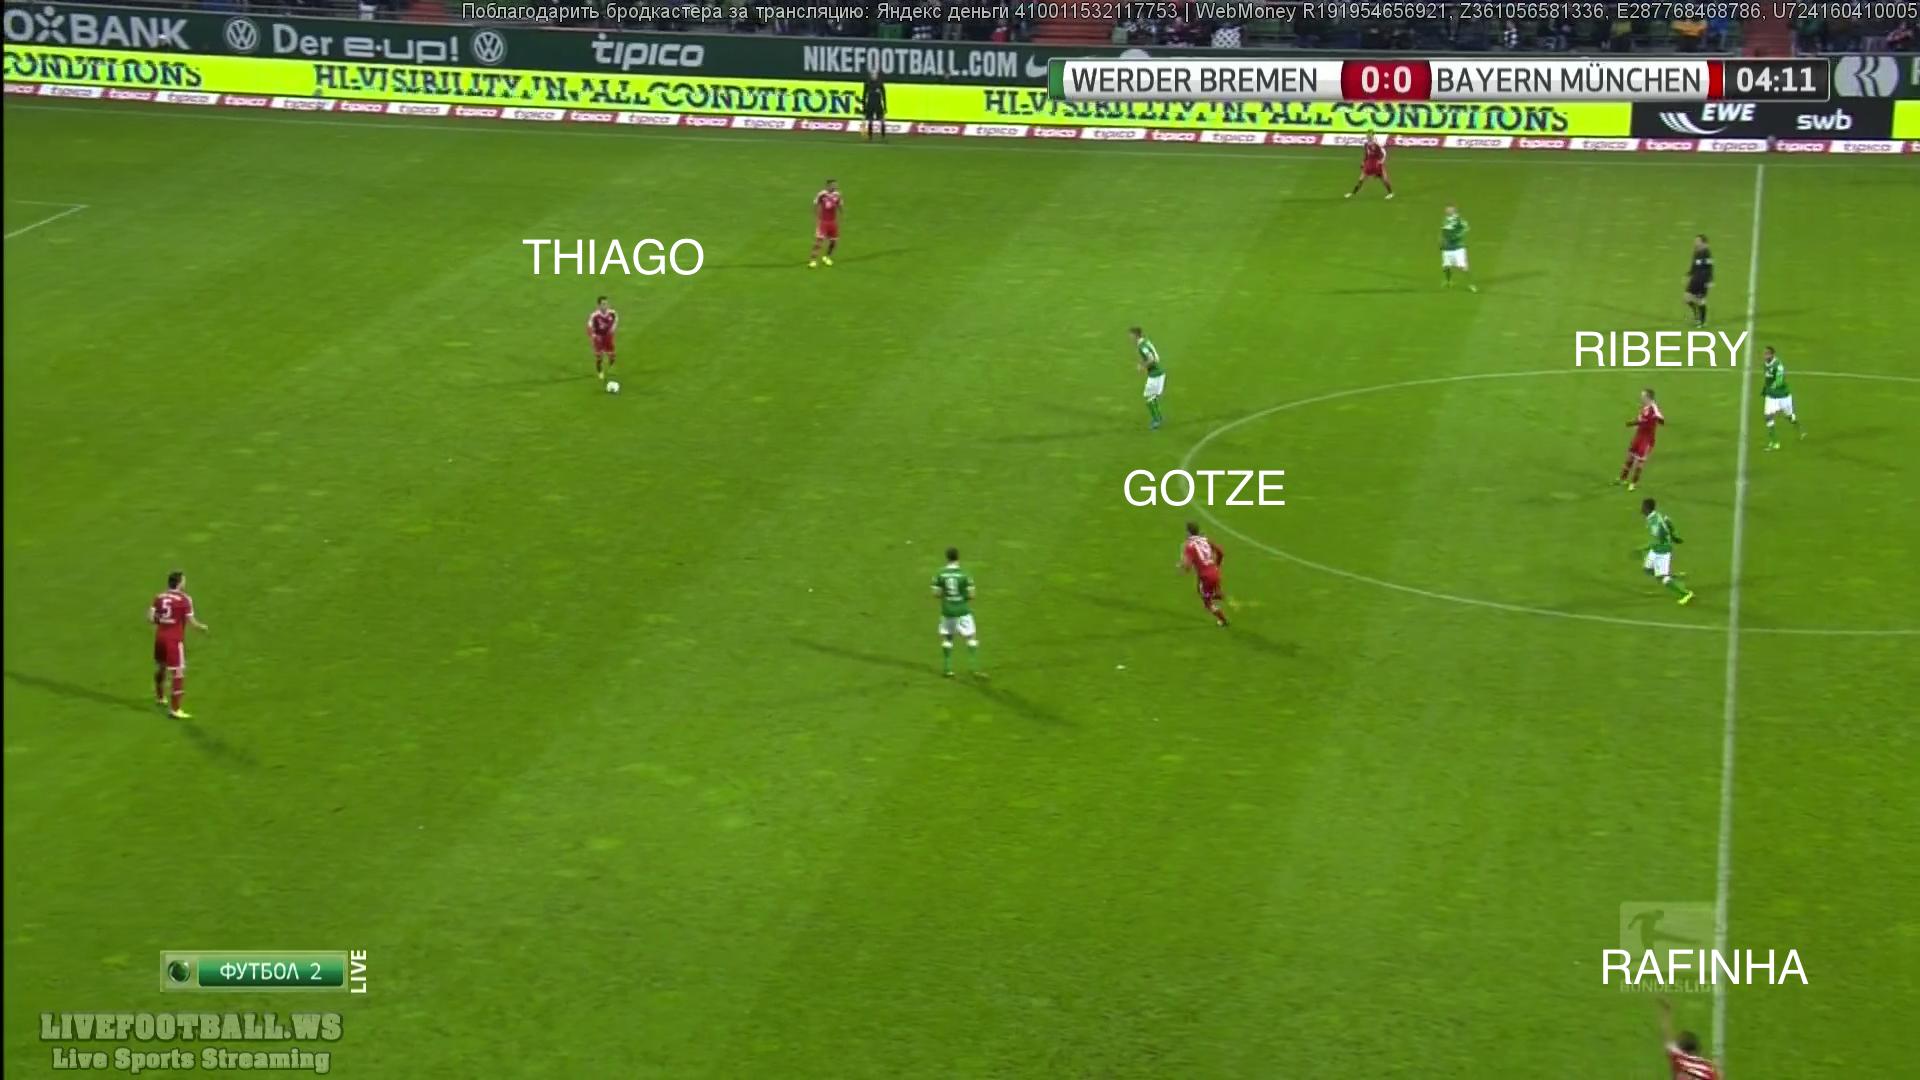 La première phase de « l'action-type » du Bayern, avec le décrochage milieu-défense de Thiago qui entraîne le décrochage attaque-milieu de Götze et Ribery.